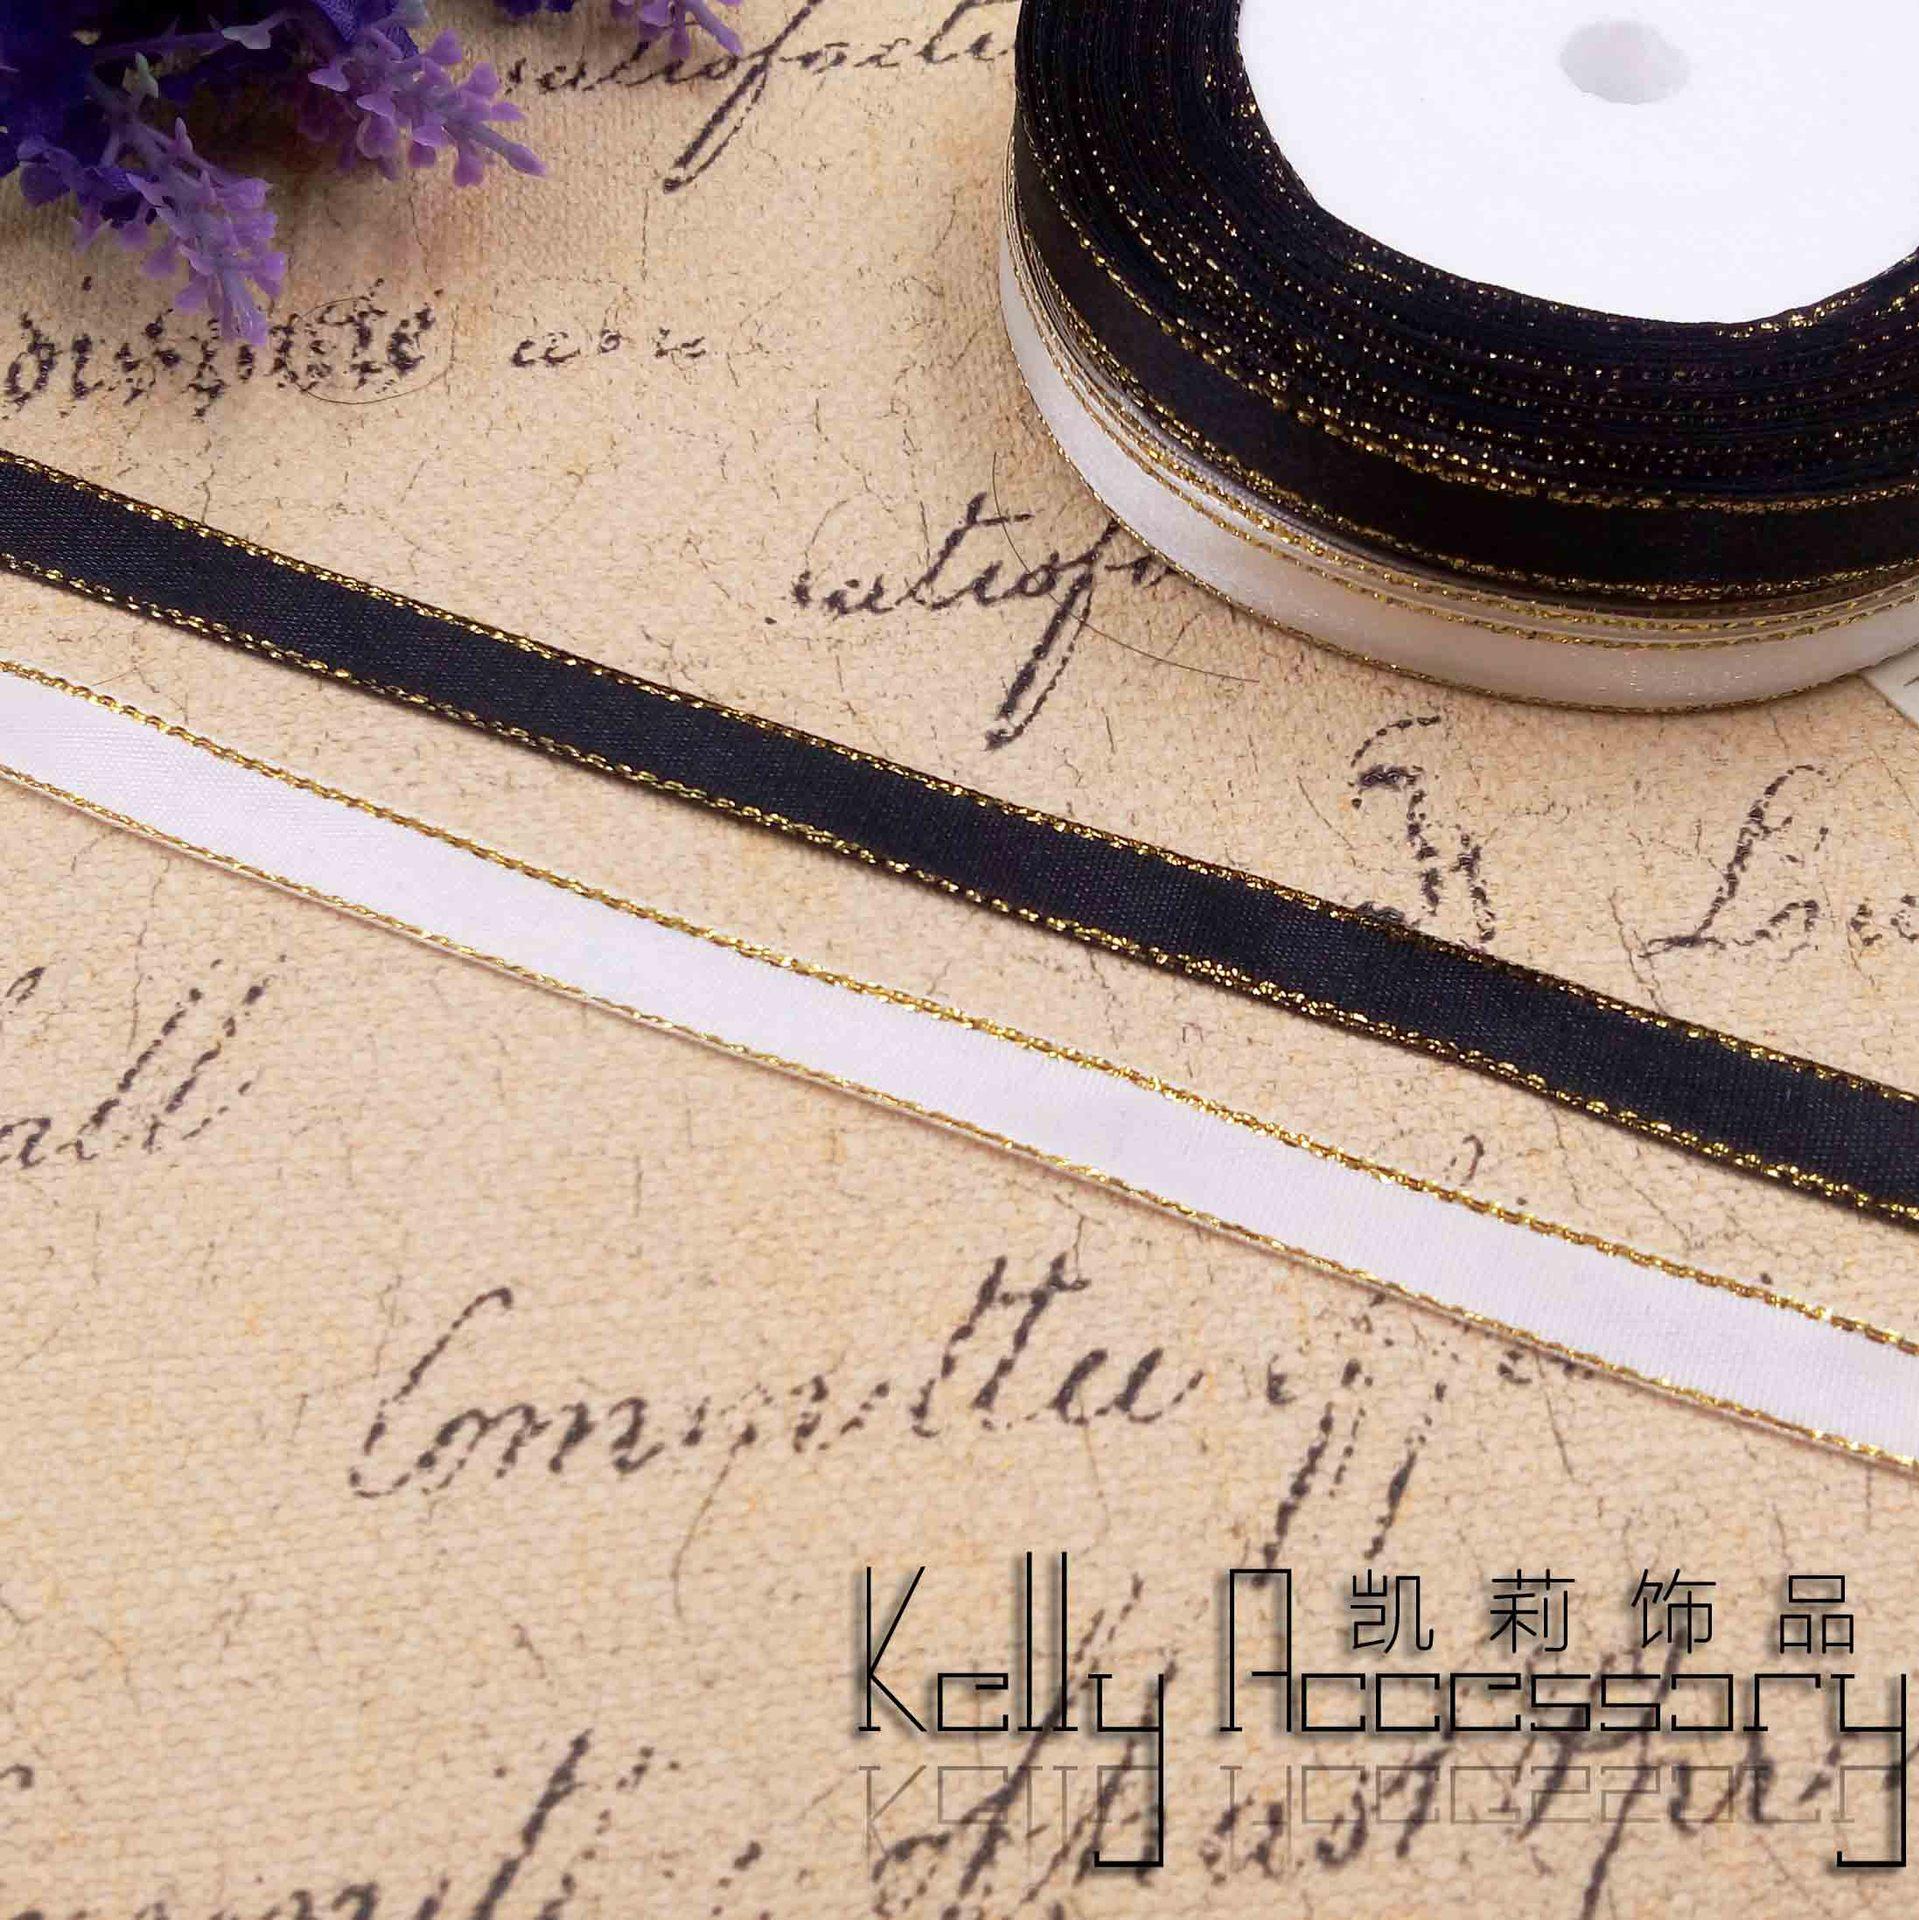 KAILI đai , dây , chỉ Dây chuyền vàng 1cm ruy băng hộp quà tặng bao bì ruy băng hướng dẫn sử dụng vậ